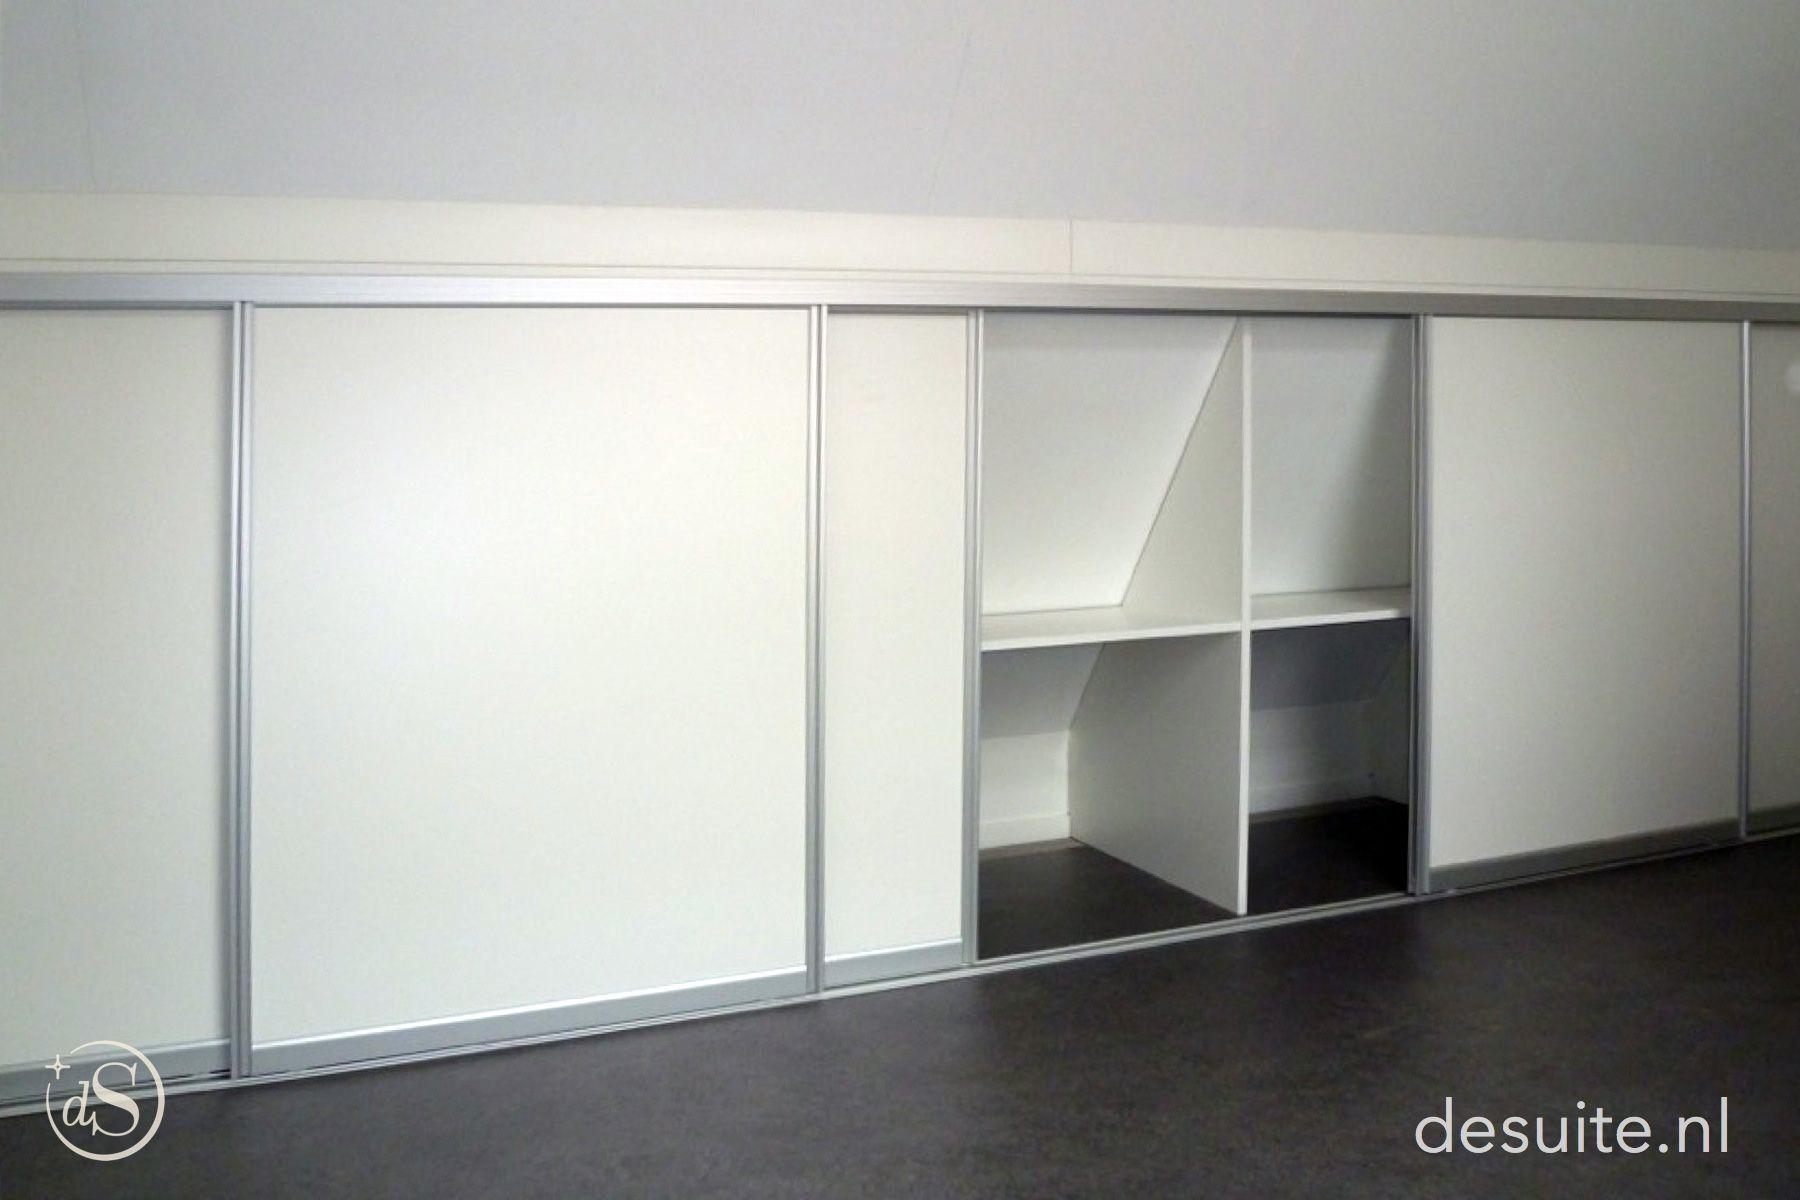 Schuine Kast Zolder : Afbeeldingsresultaat voor schuine kast zolder anne kamer